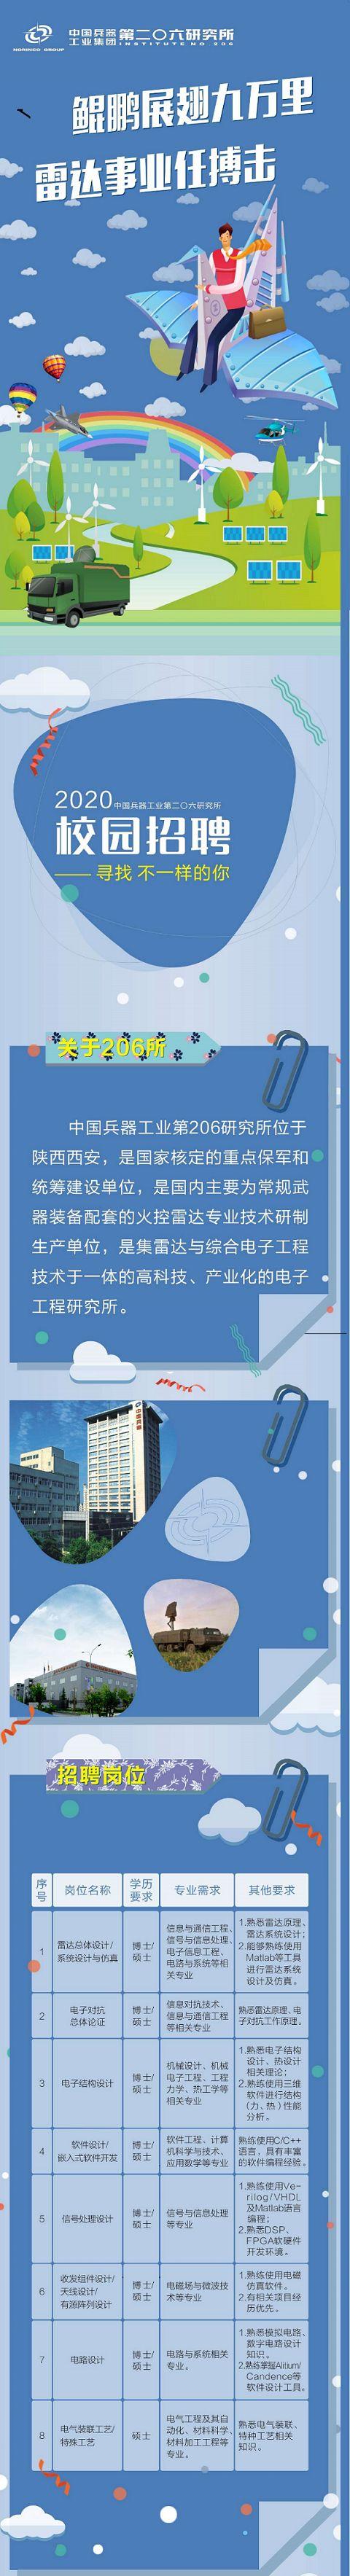 【国防招聘】中国兵器工业集团第206所校